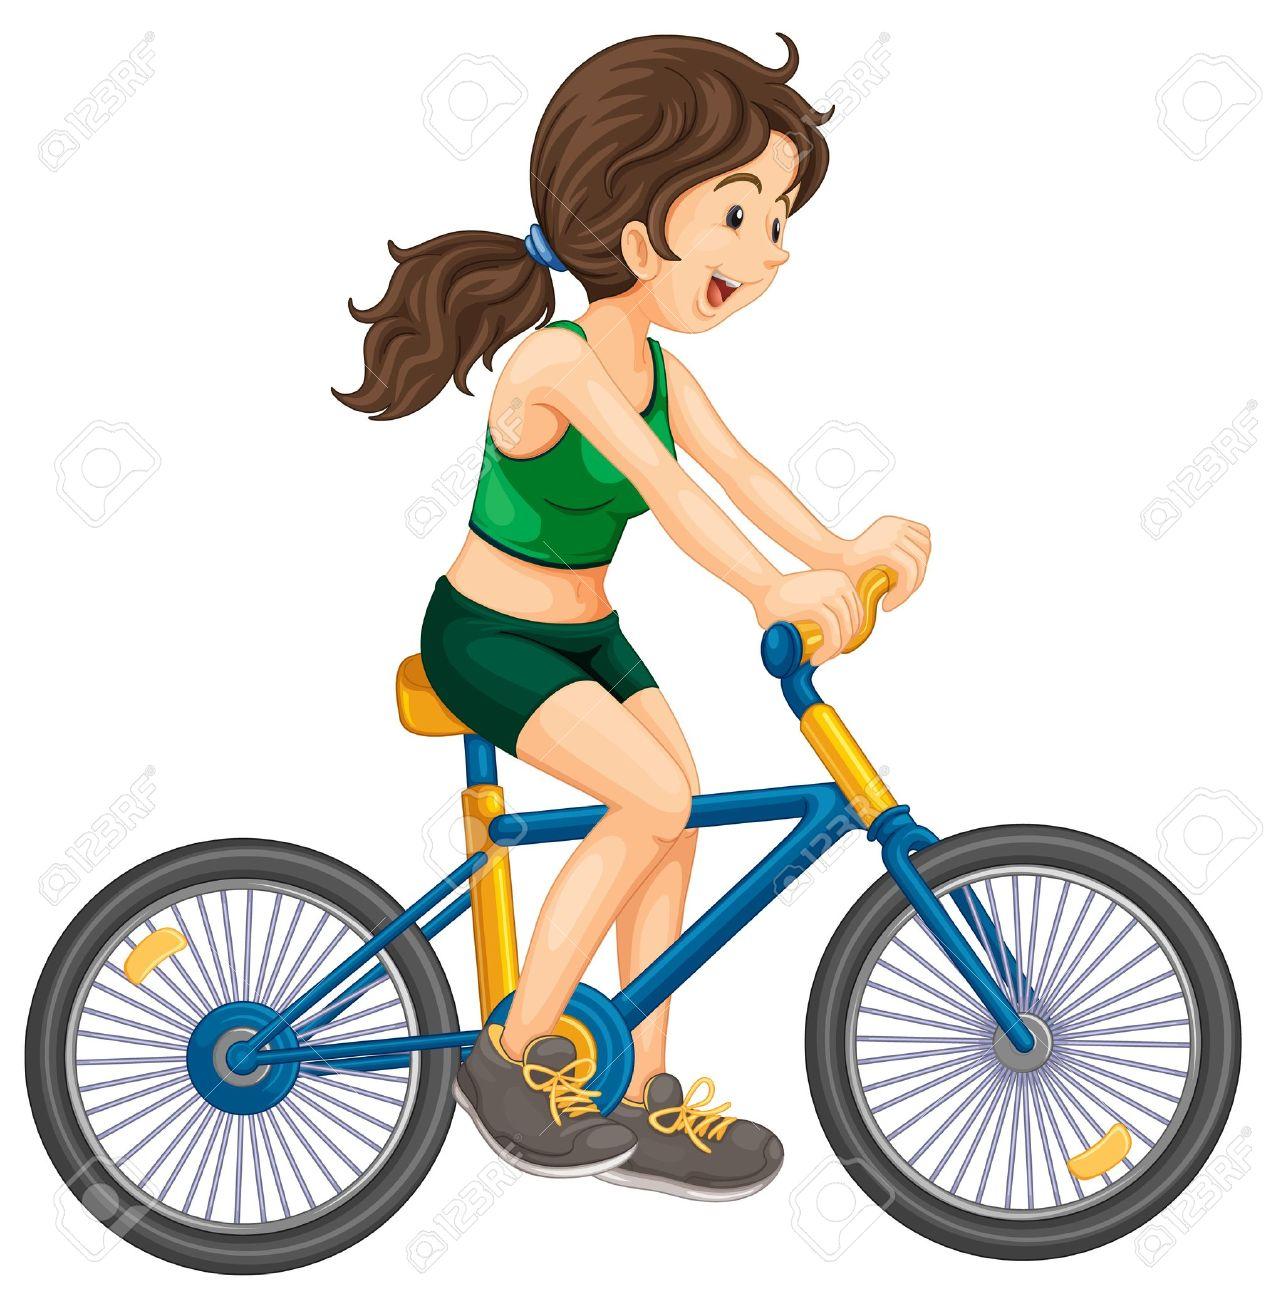 Biker clipart stationary bike Bikes Bike Riding Riding Clipart